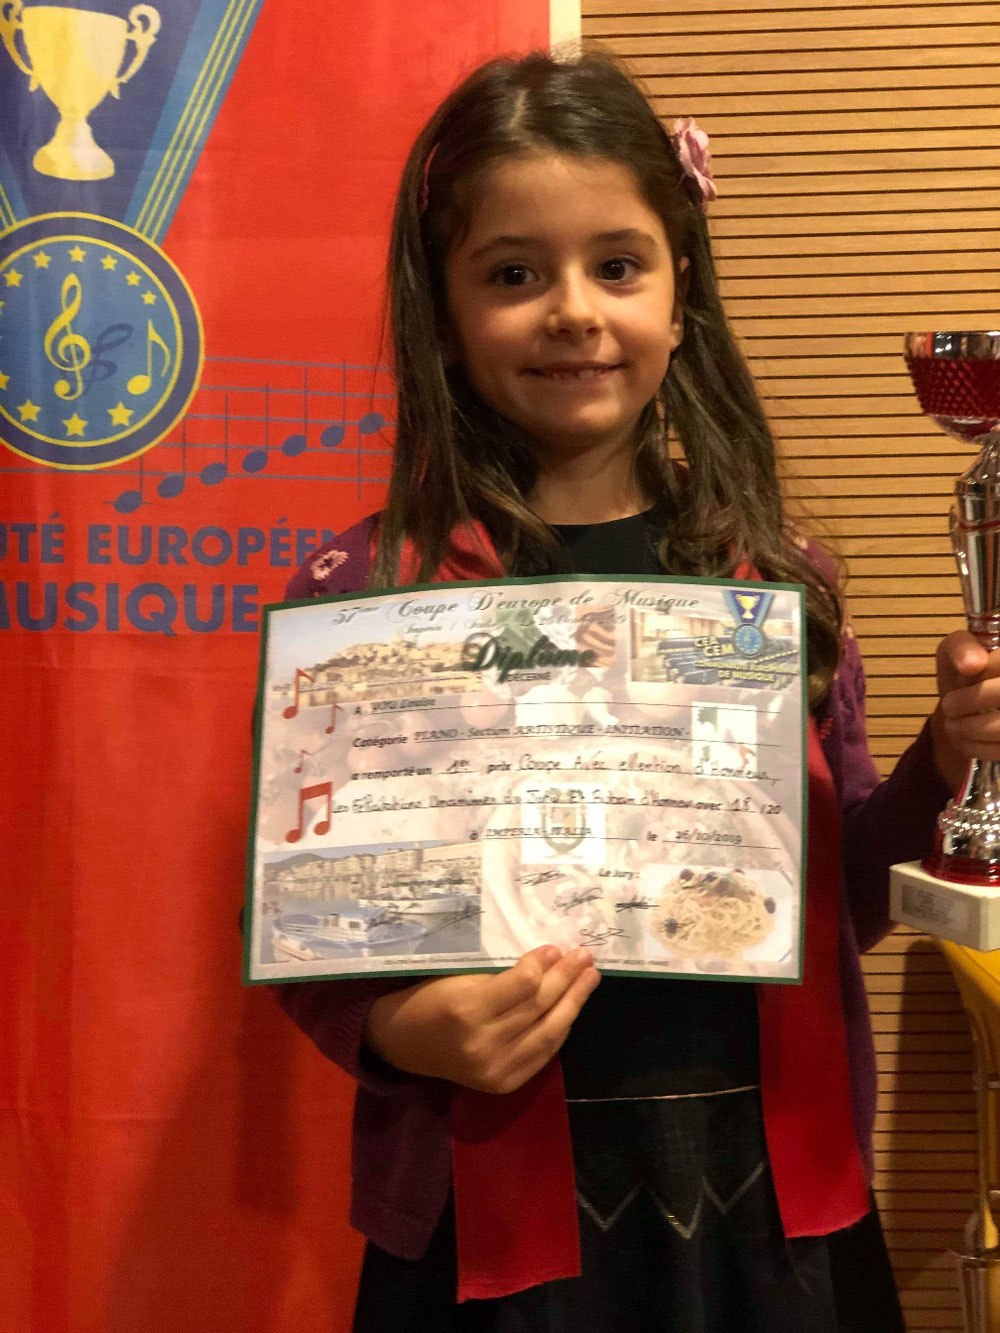 Louise 18/20 lors de la coupe d'Europe de musique en Italie